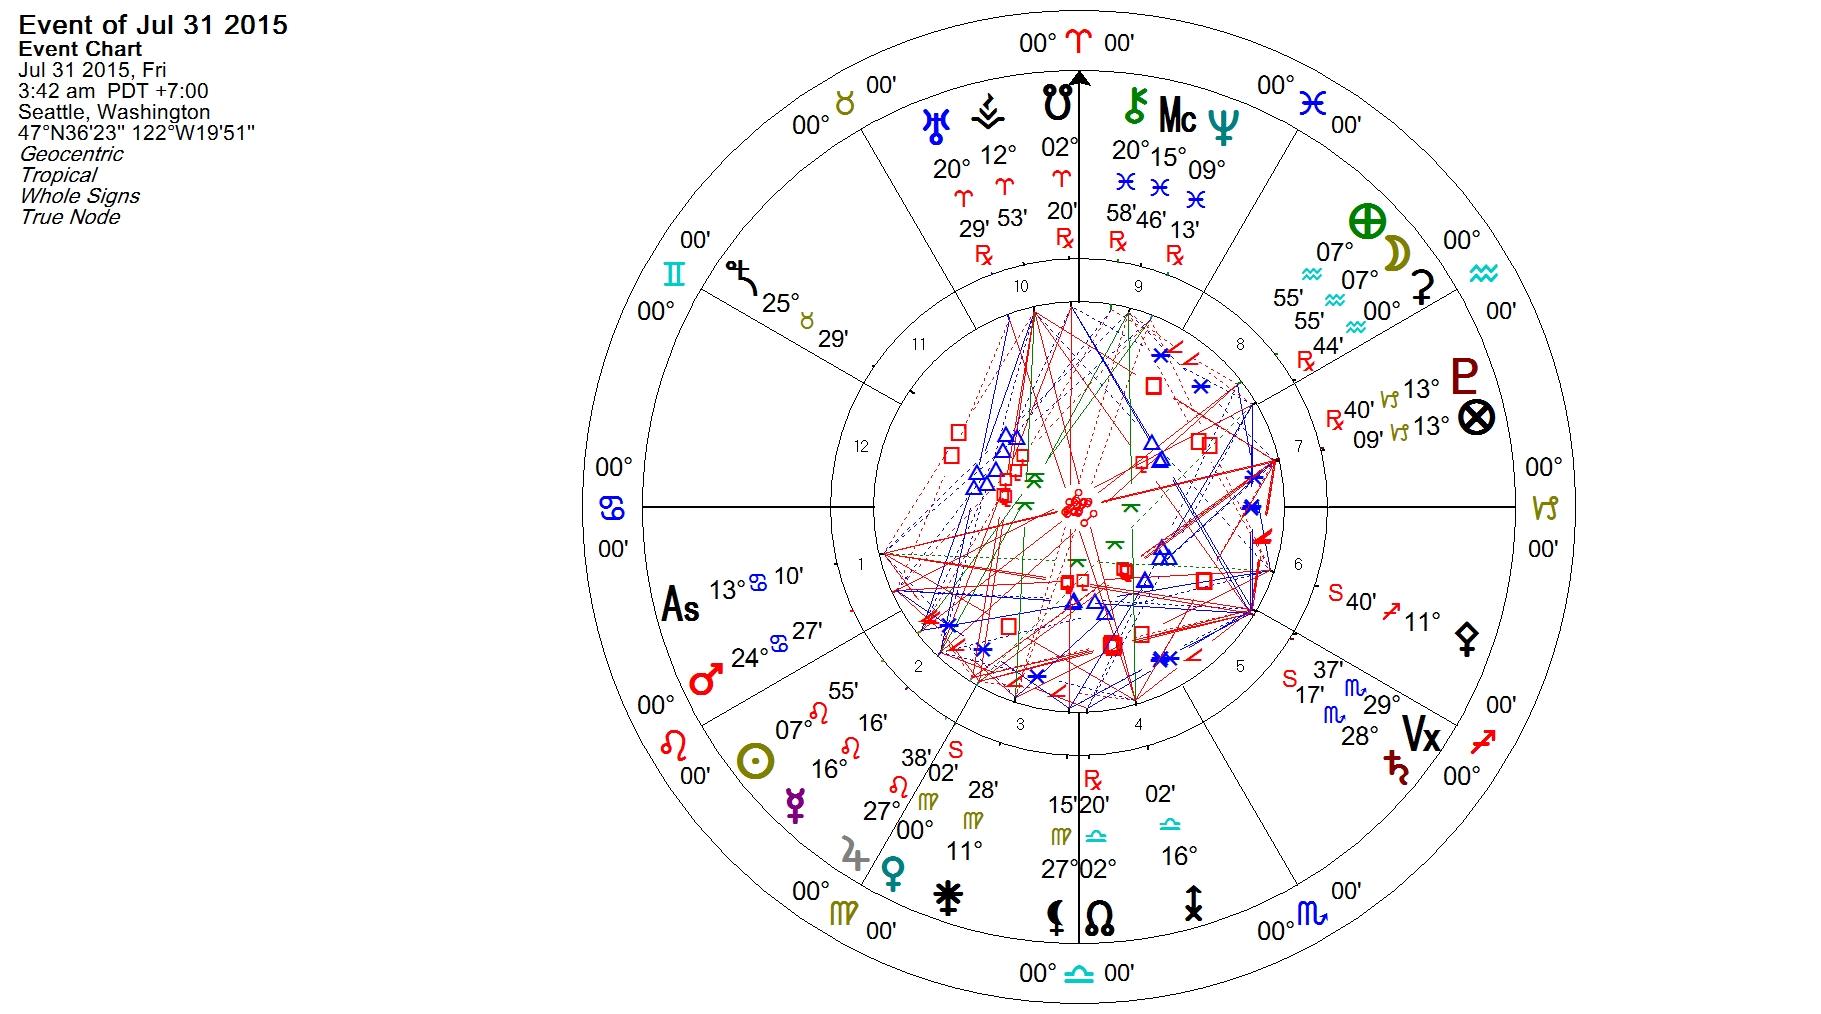 Aquarius Full Moon 31 July 2015